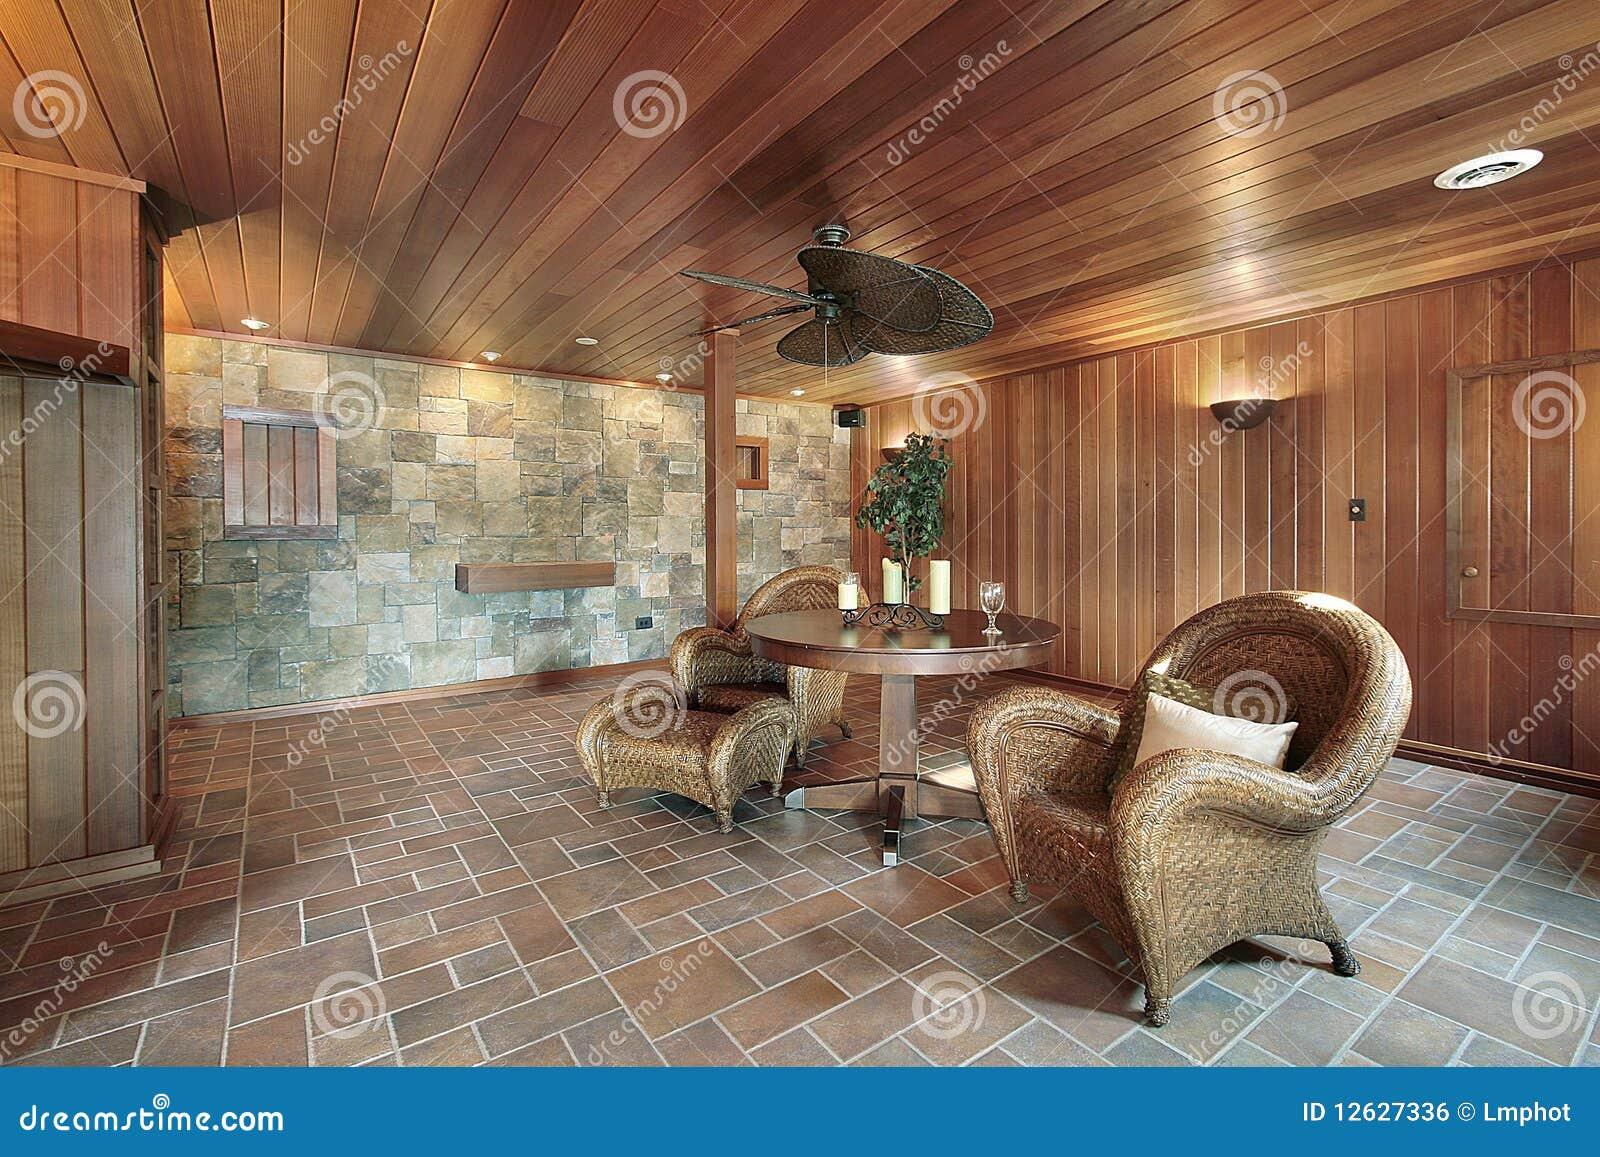 Case Di Pietra E Legno : Basamento con le pareti di pietra e di legno fotografia stock